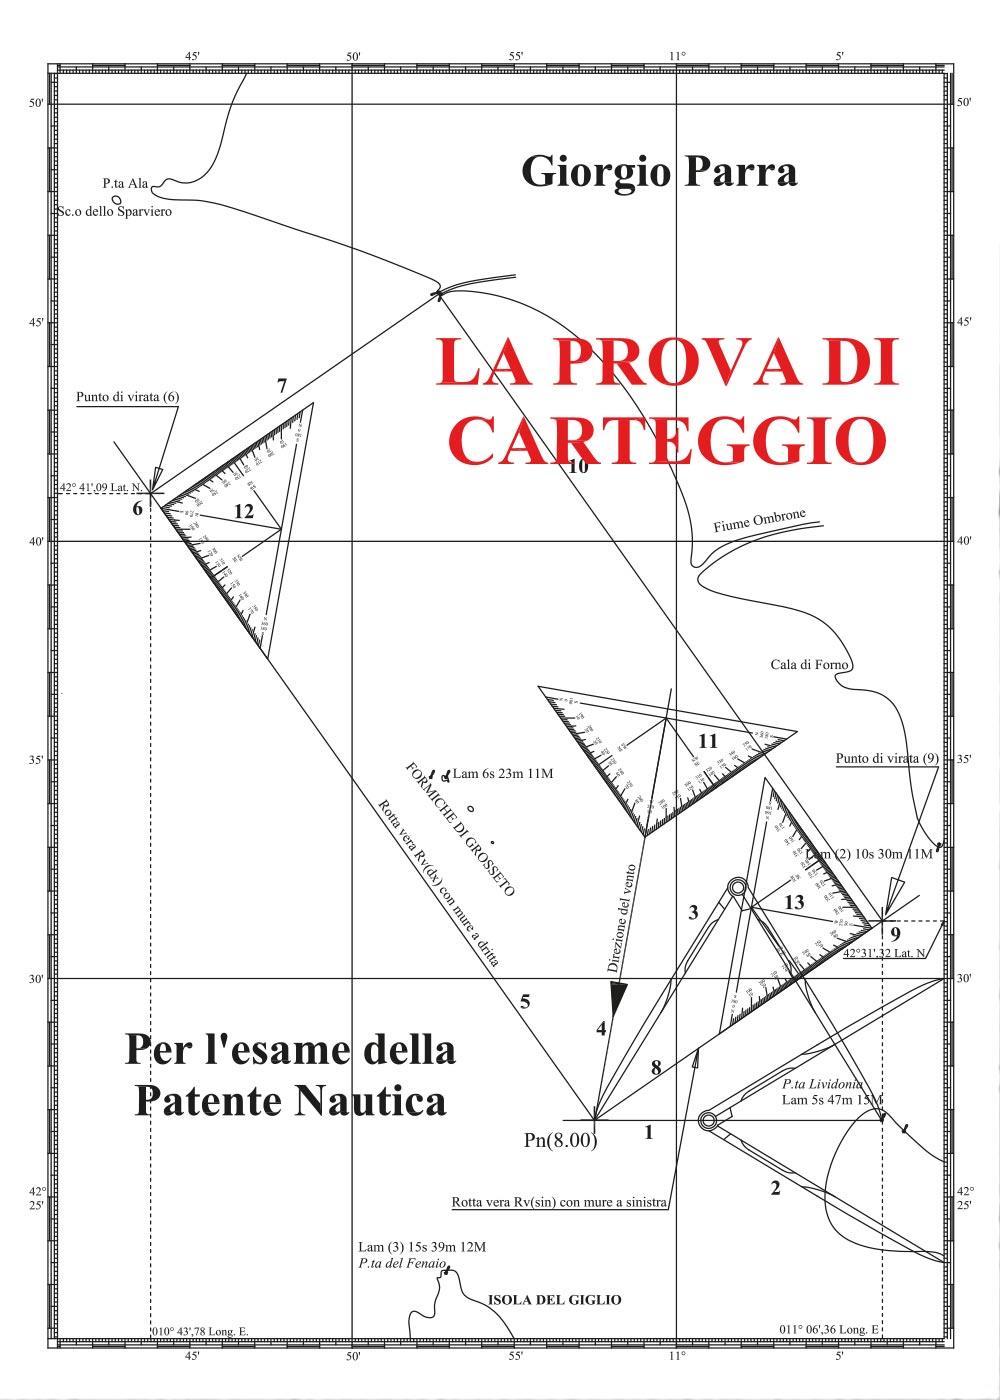 La Prova di Carteggio per l'esame della patente nautica